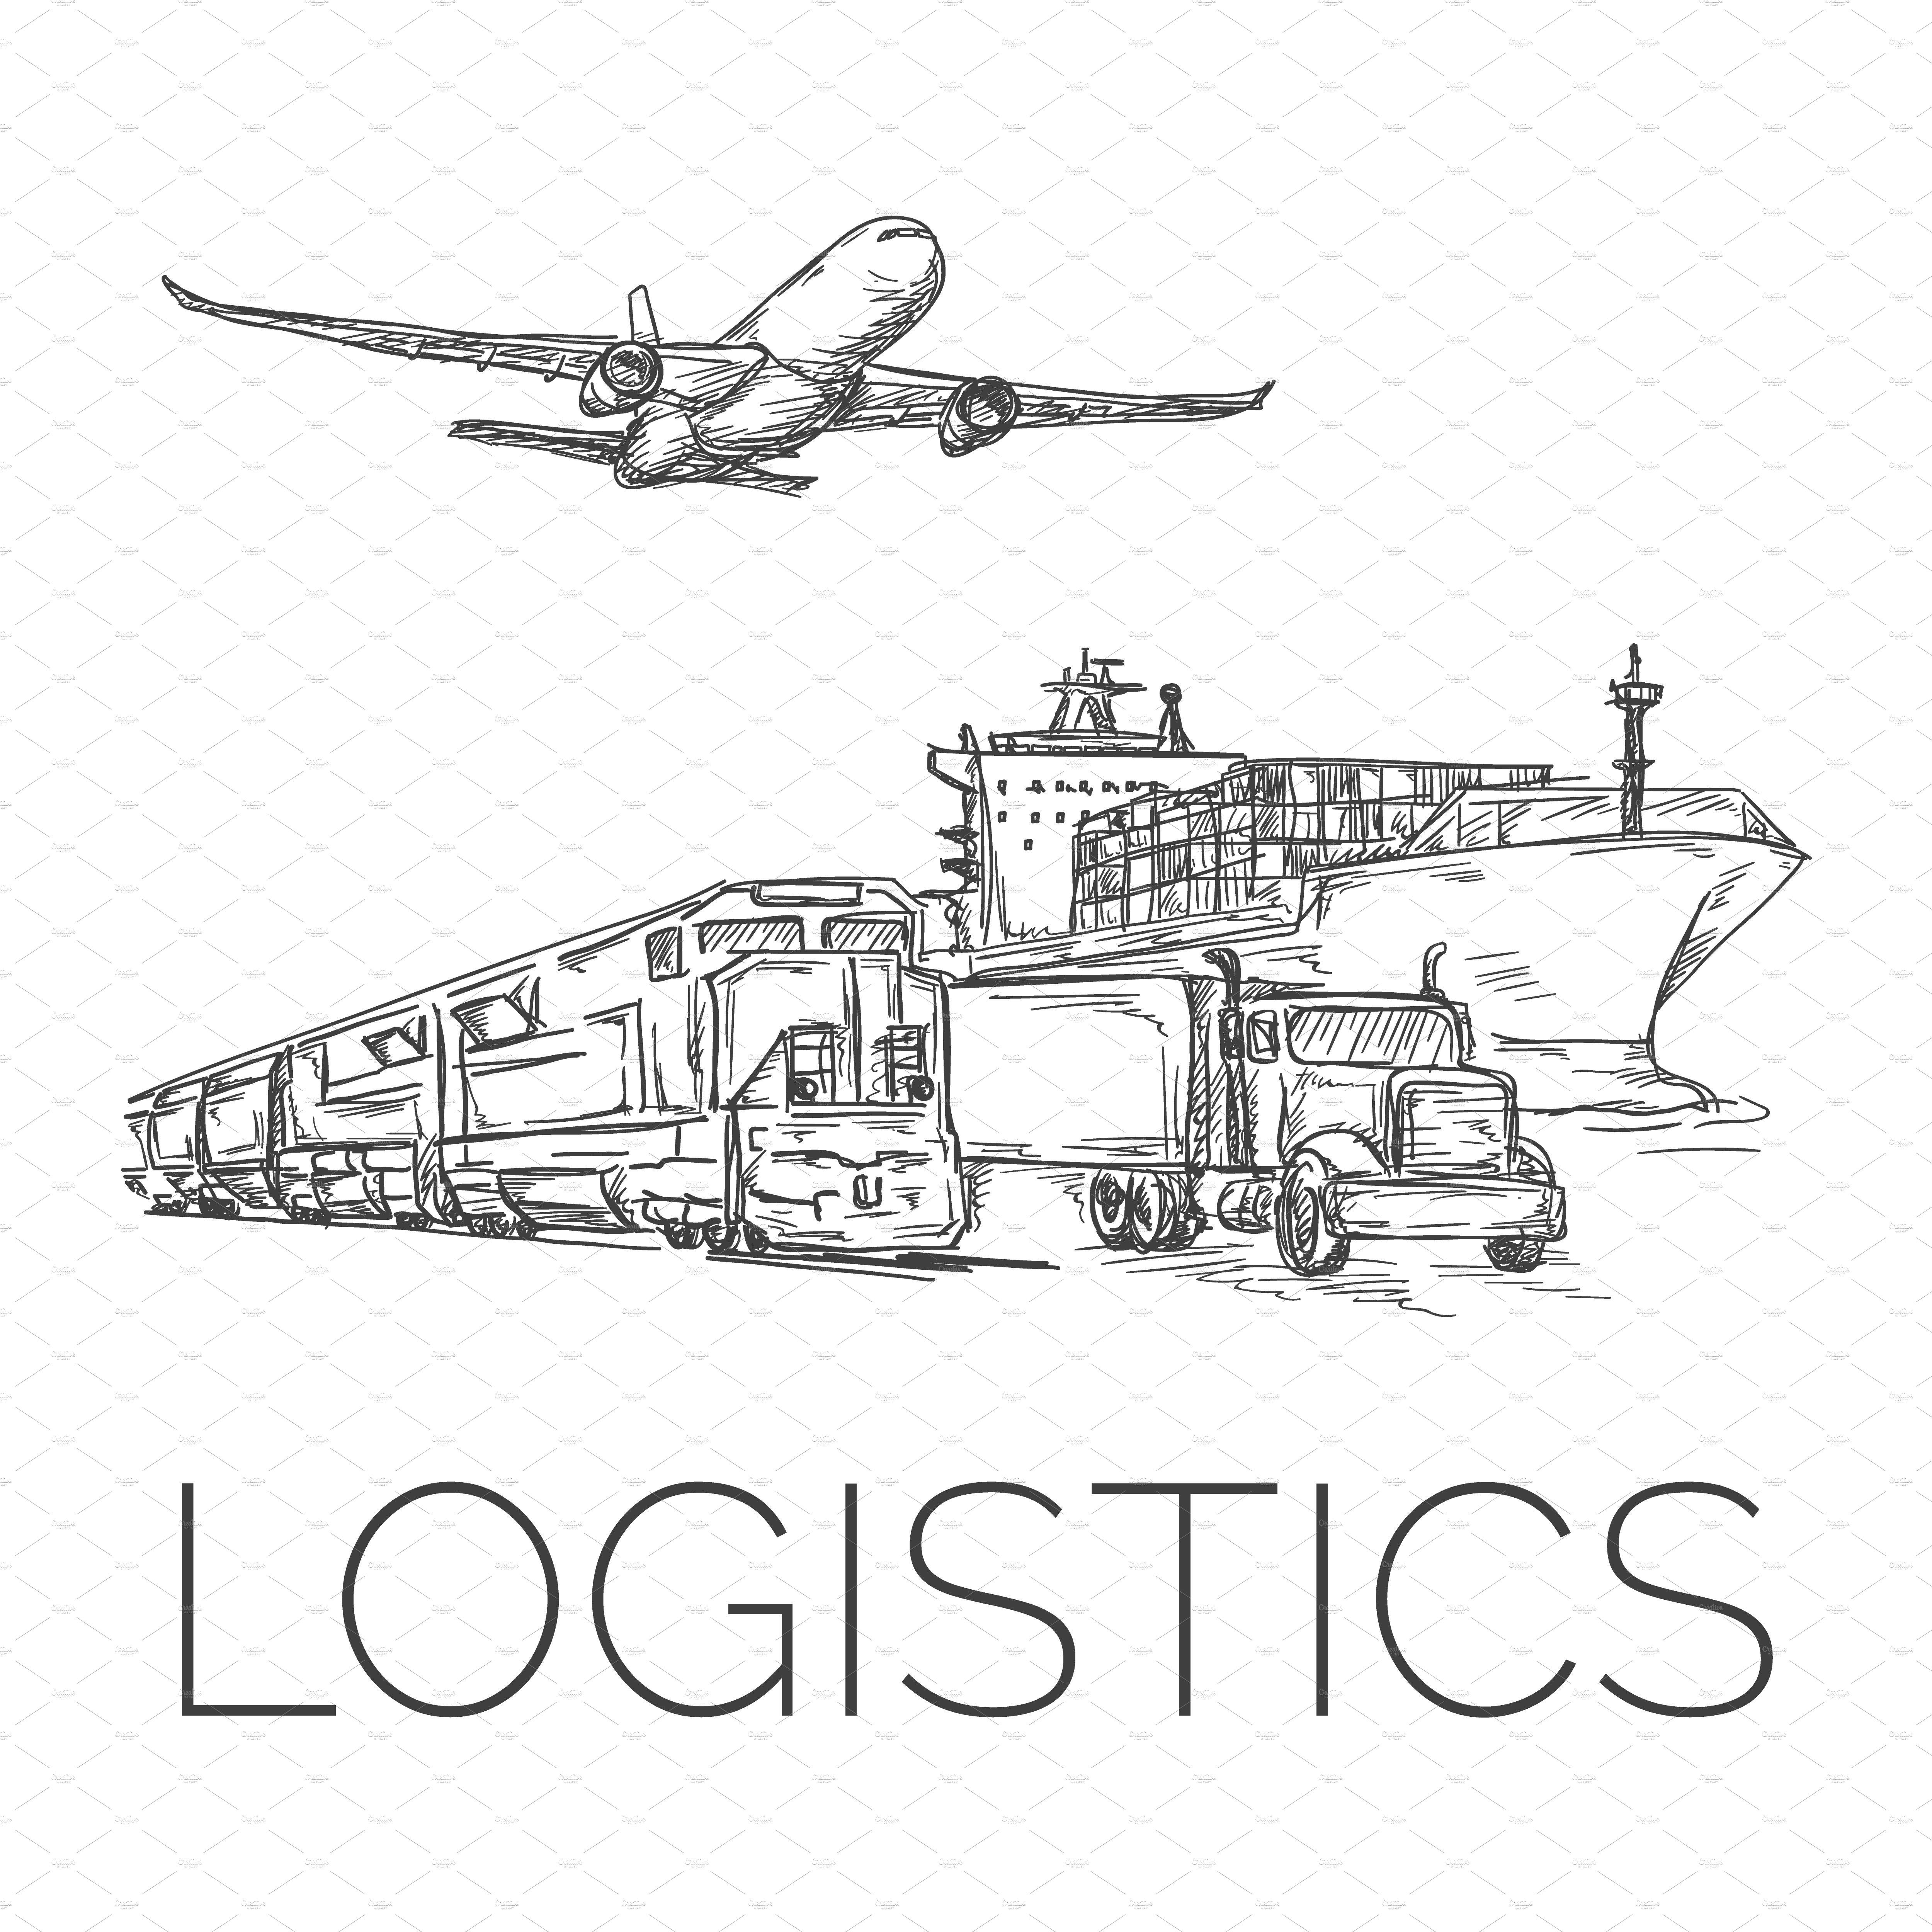 Logistics sign ~ Illustrations ~ Creative Market